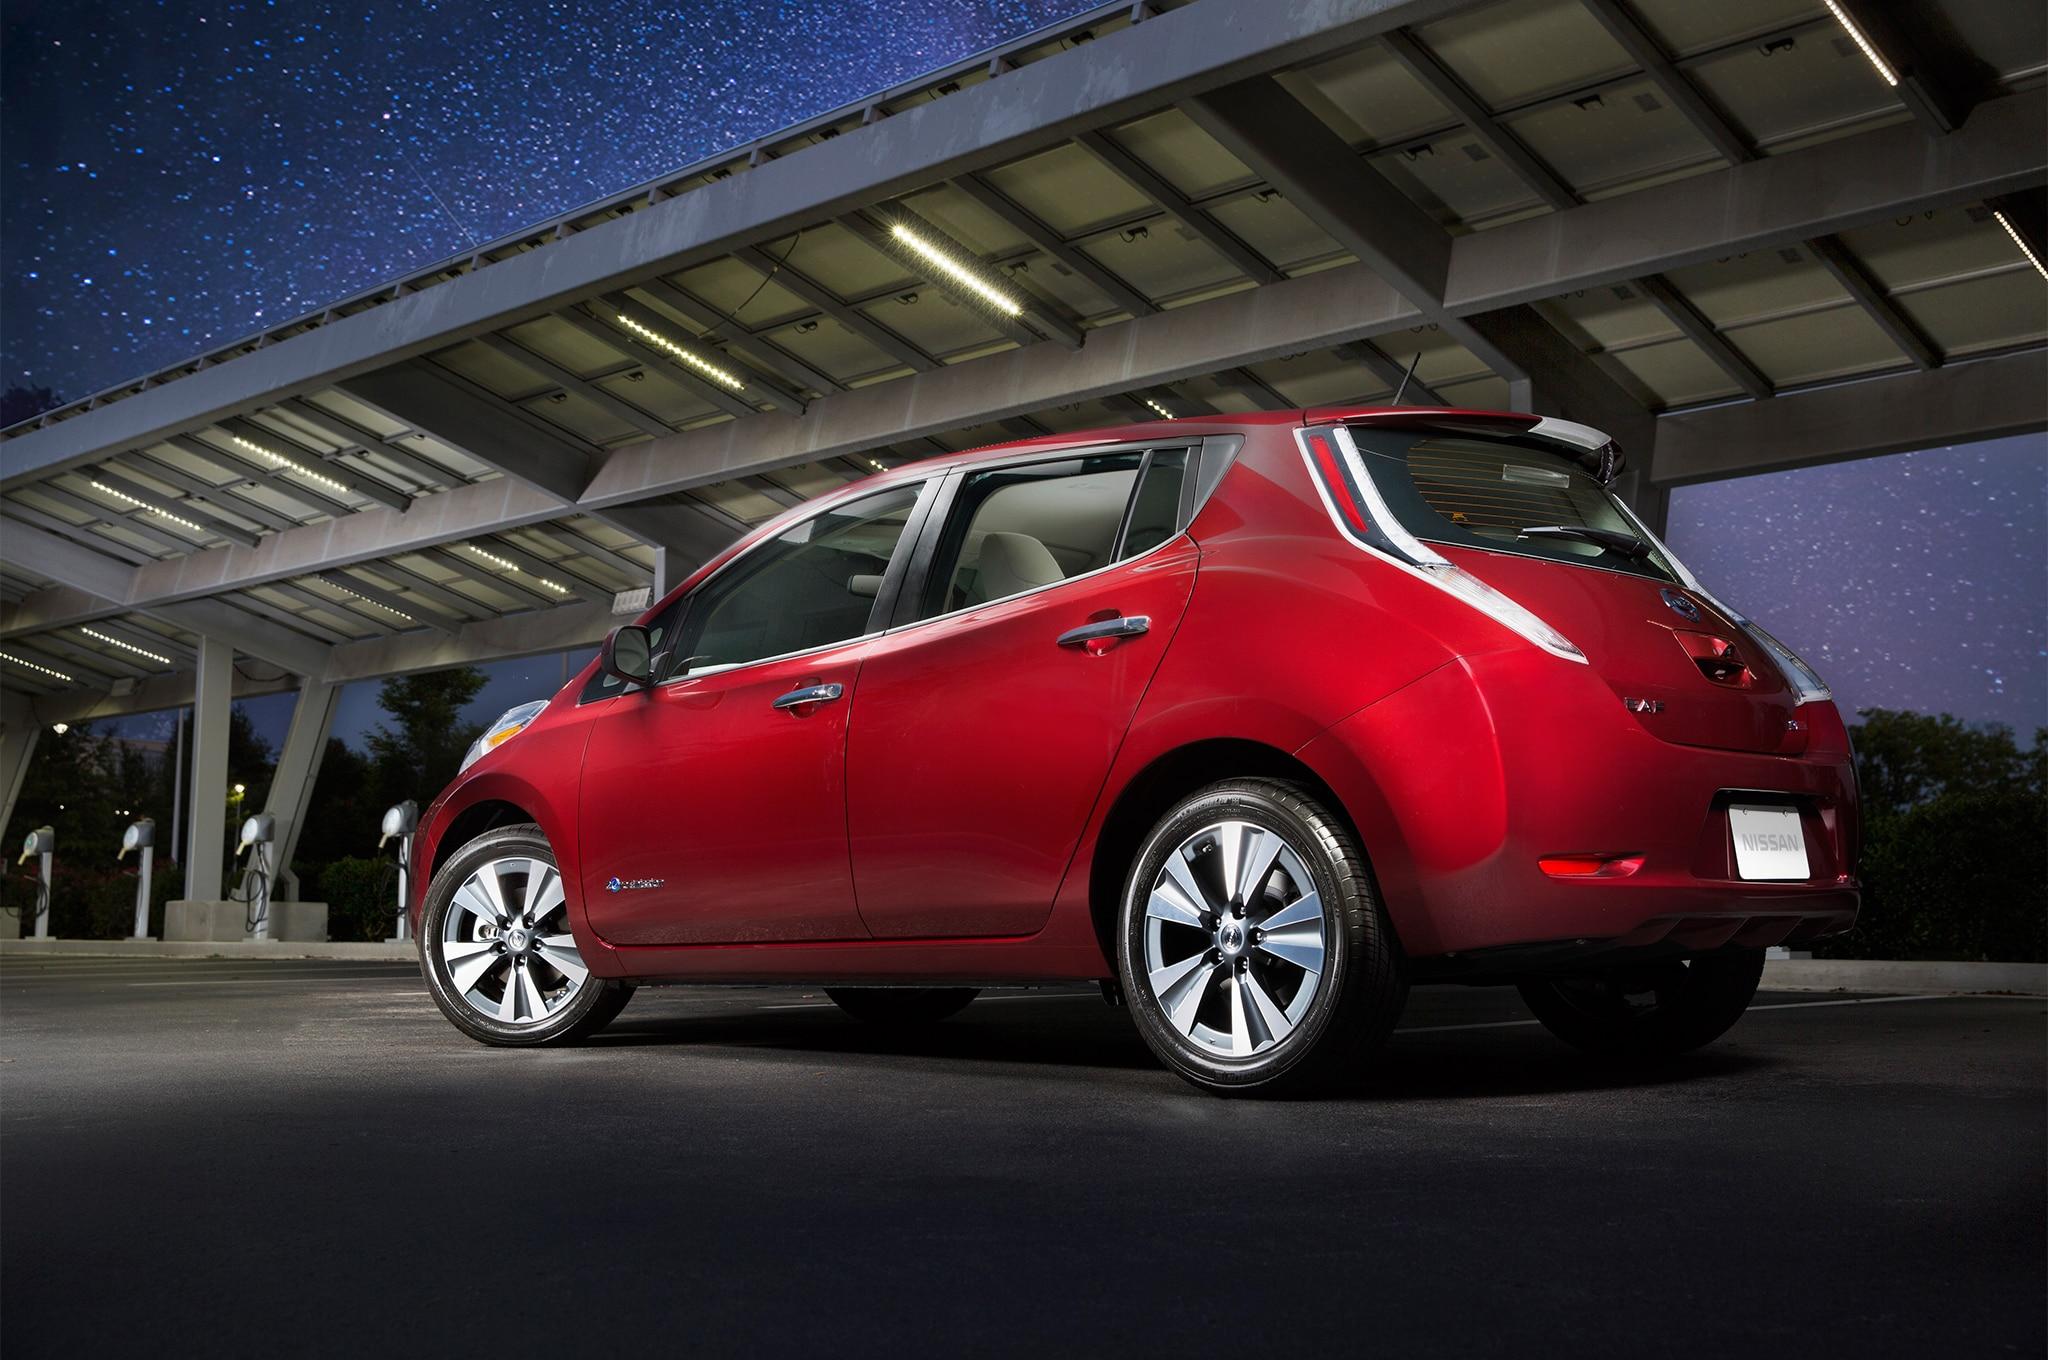 2016 Nissan Leaf Rear Three Quarter